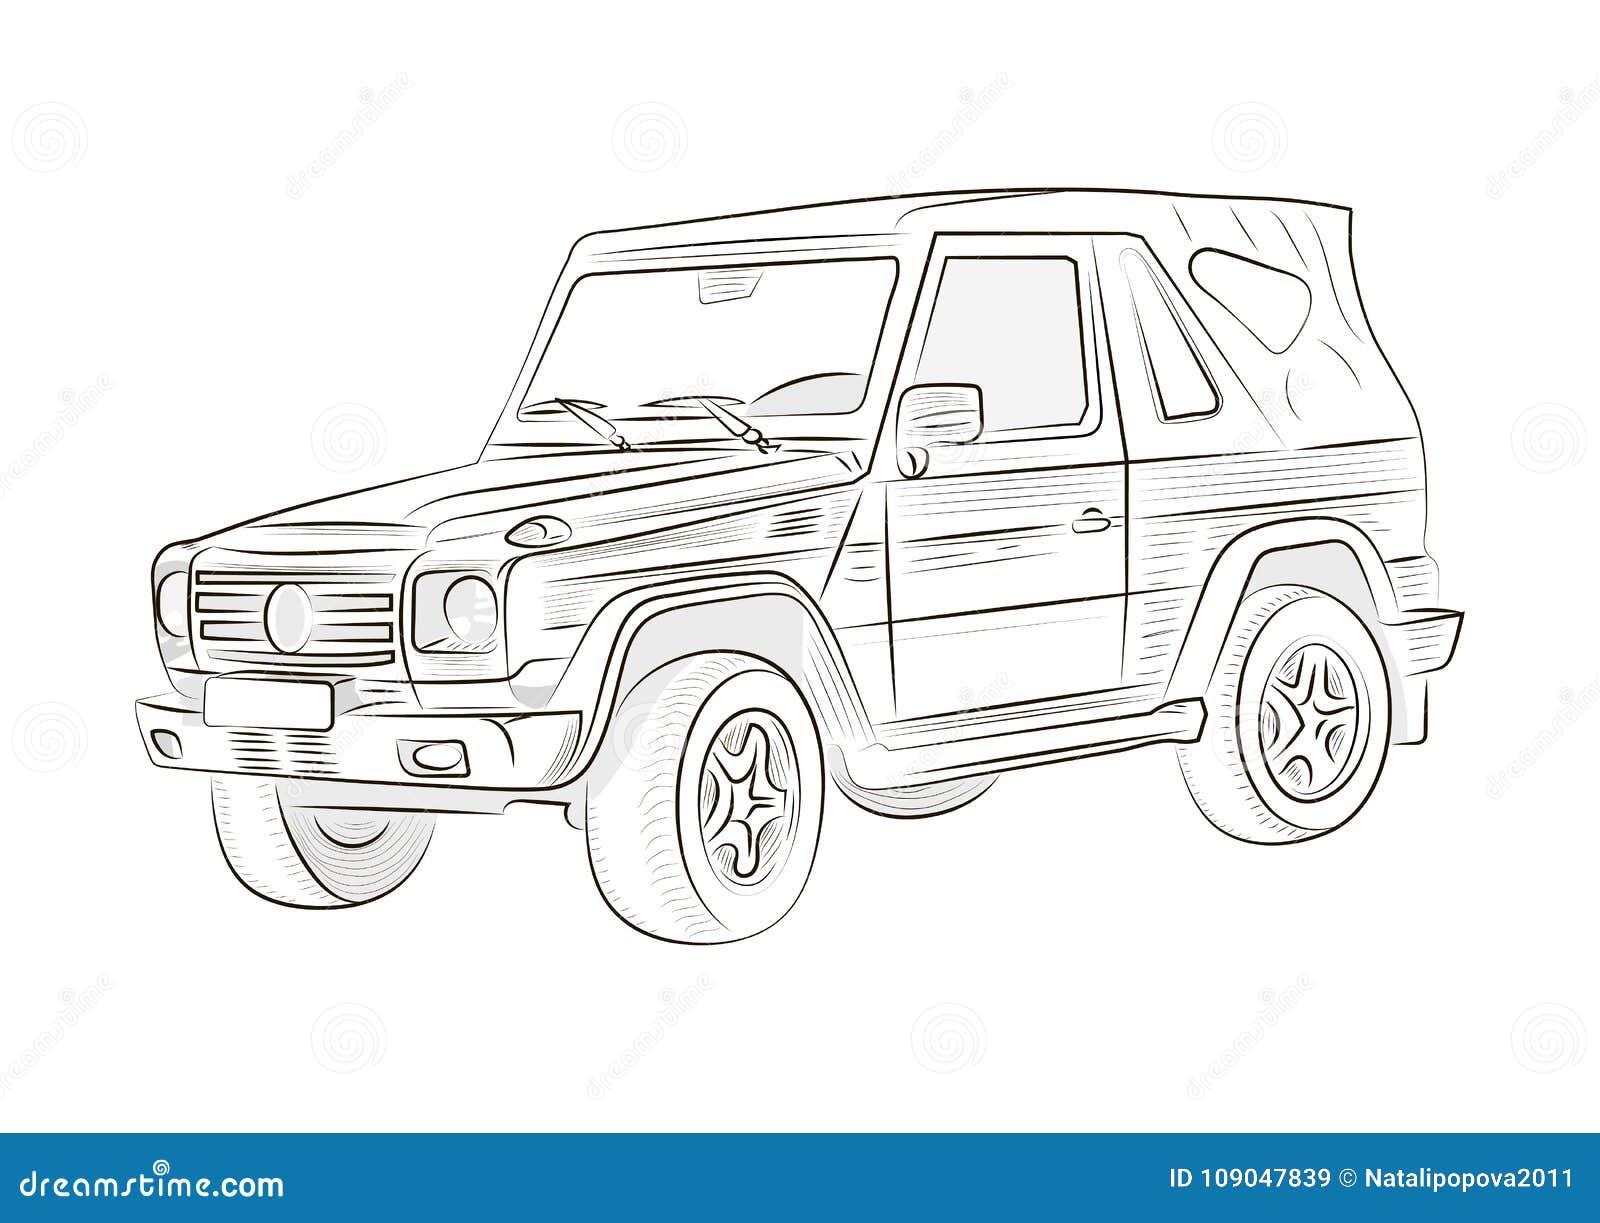 Croquis d 39 une voiture sur un fond blanc vecteur illustration de vecteur illustration du - Croquis voiture ...